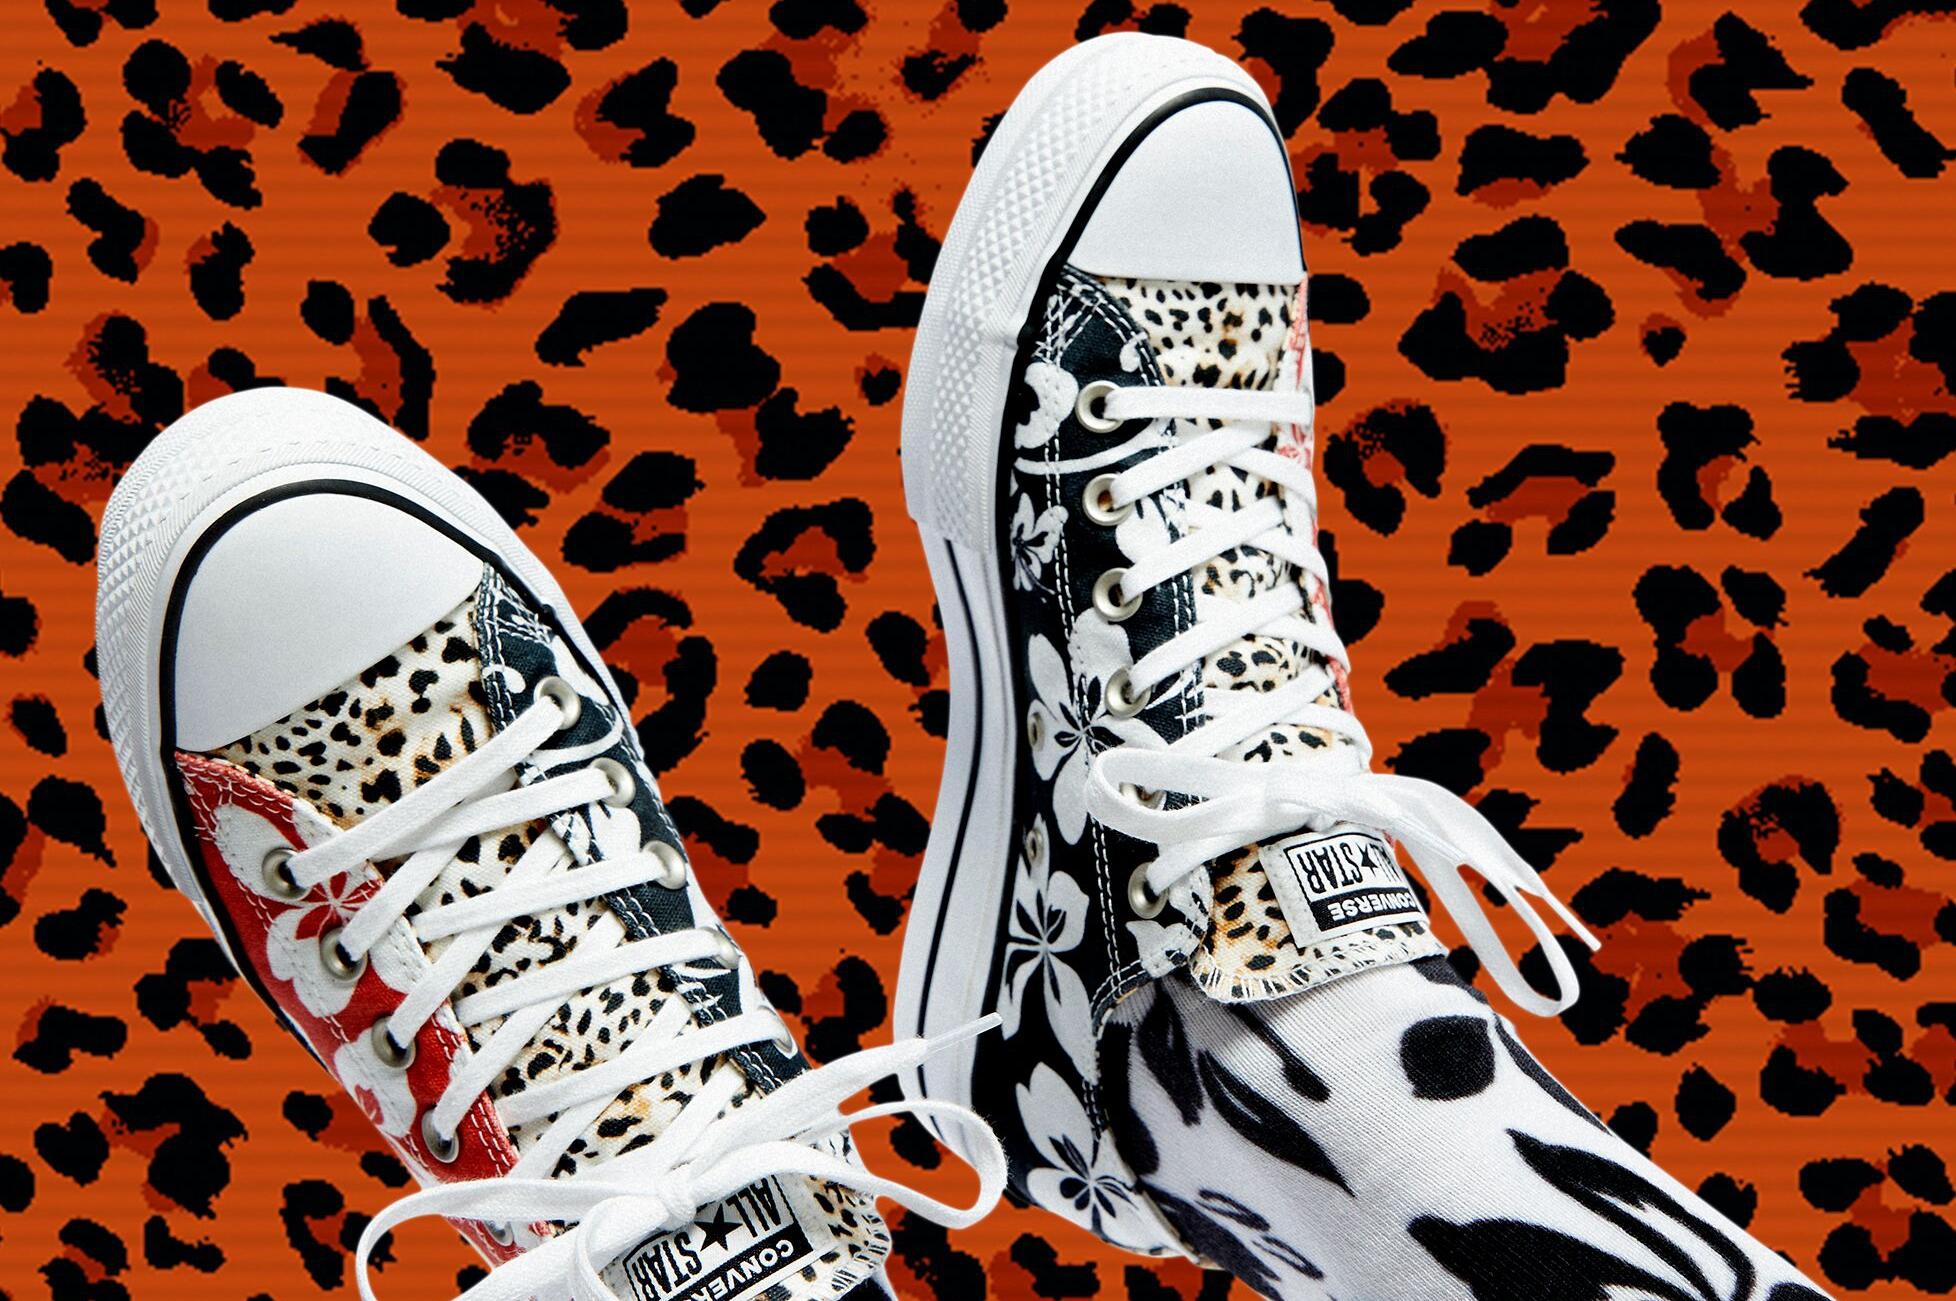 Converse exclusive for Bershka llevan las míticas zapatillas a un nuevo nivel